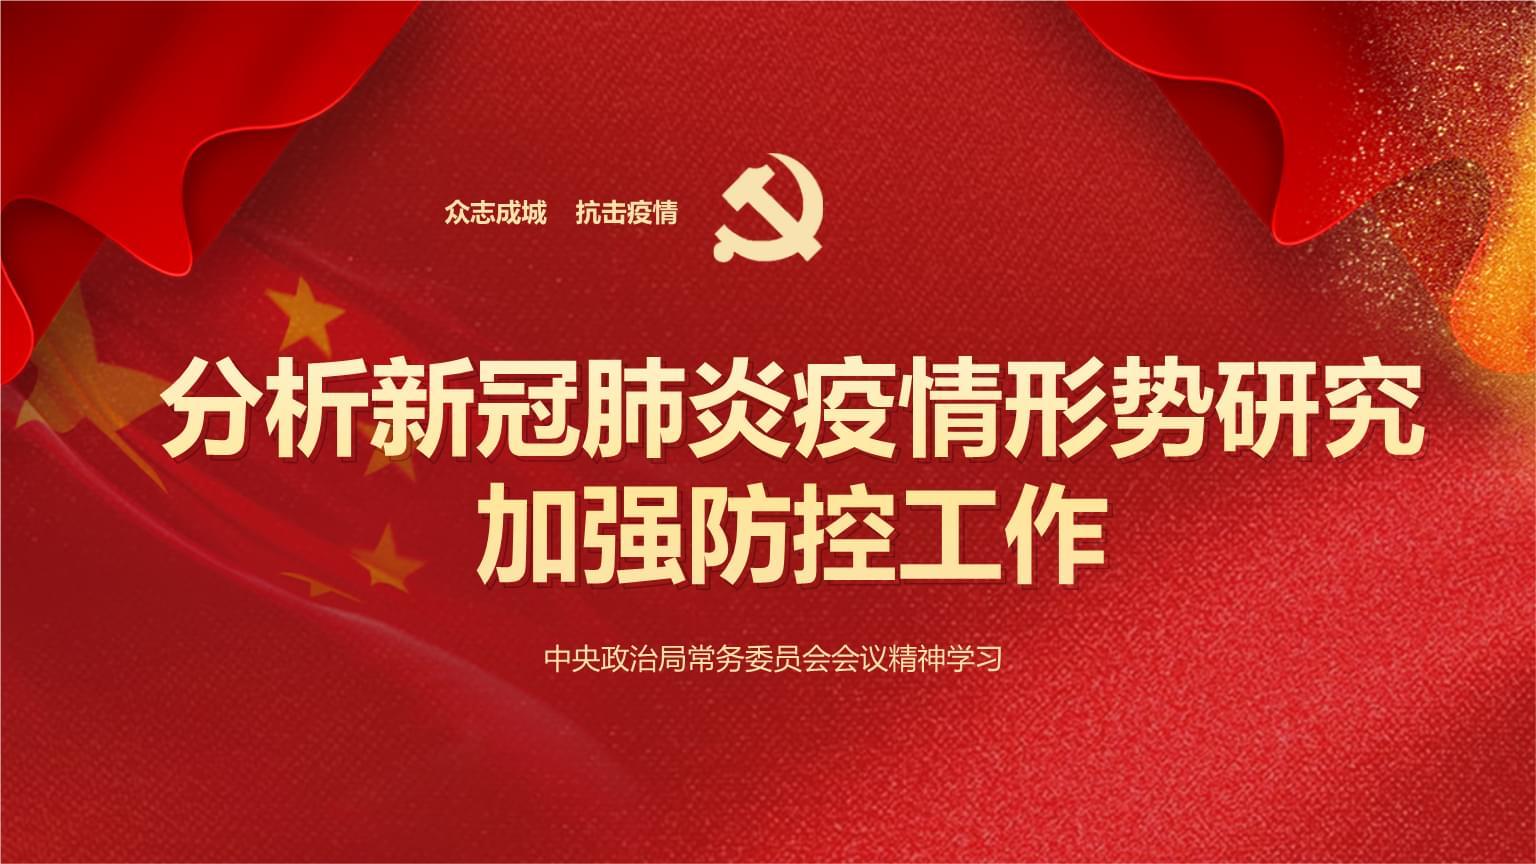 红色党建风疫情工作分析报告PPT模板.pptx